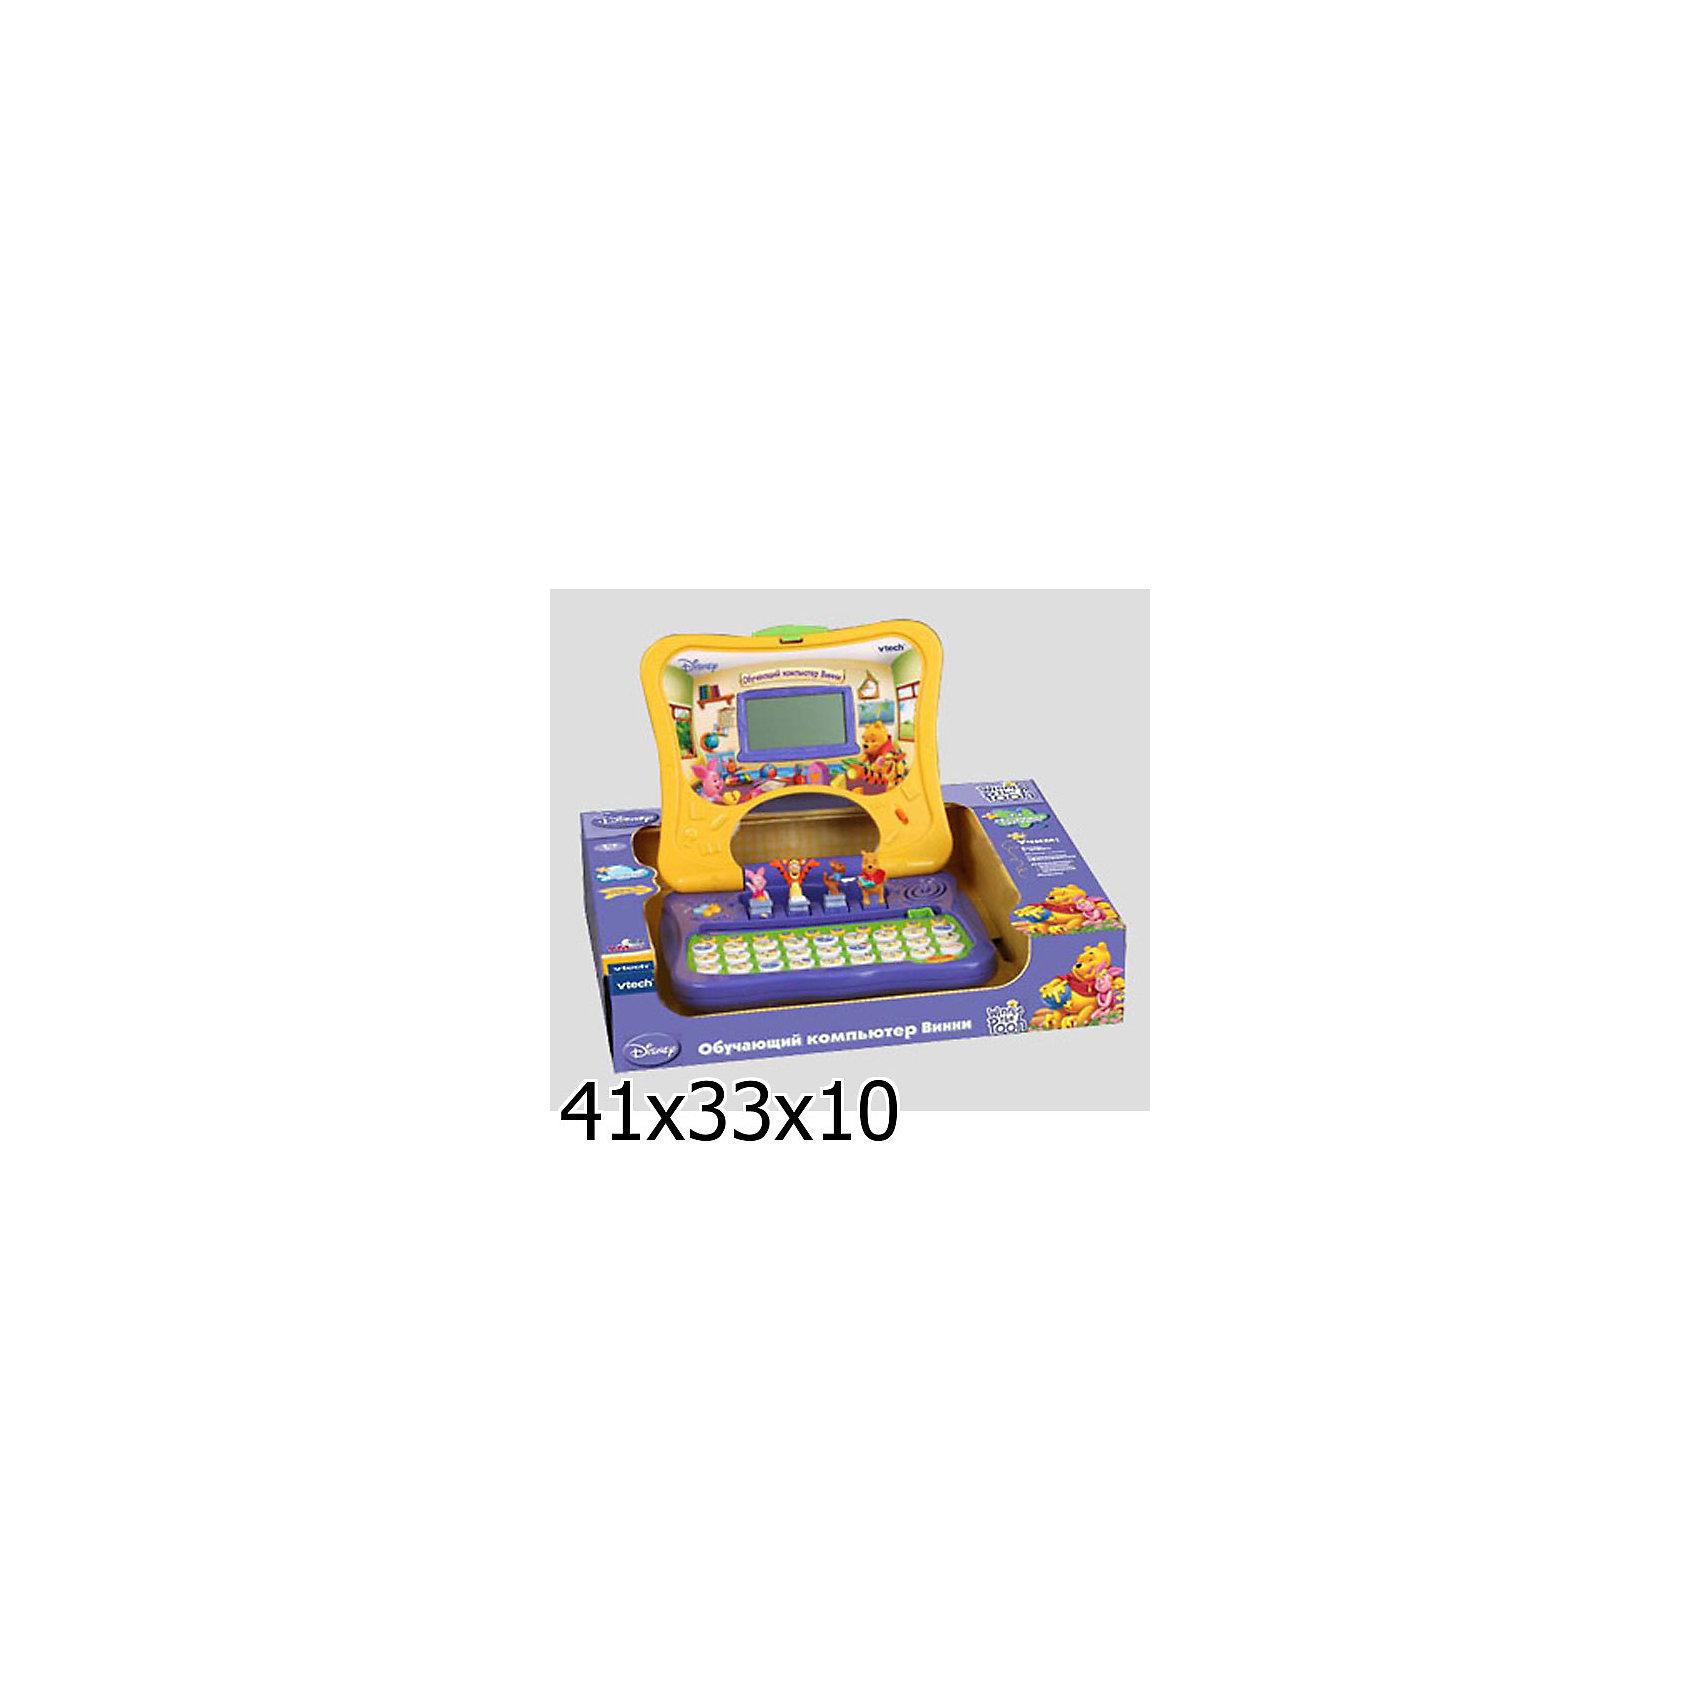 Vtech Обучающий компьютер ВинниОбучающие плакаты и планшеты<br>Vtech Обучающий компьютер Винни - отличная развивающая игрушка для Вашего малыша, обладает следующими достоинствами:<br><br>- 11 обучающих программ<br>- 33 буквы алфавита<br>- цифры от 0 до 9<br>- 3D фигуры<br>- большой LCD-экран<br>- режим вопросов<br>- фонетика<br>- пополняем словарный запас<br>- простые математические навыки<br>- музыка<br>- сравнение<br>- тренируем навык печатания на клавиатуре<br>- регулировка громкости<br>- озвучивание: профессиональное (одноголосое) <br><br>Этот красочный компьютер включает 11 обучающих программ, с помощью которых Ваш малыш научится произносить буквы и цифры, пополнит словарный запас, научится считать и разовьёт чувство ритма. Настоящие голоса героев, 3D фигуры, забавная анимация и звуковые эффекты вызовут интерес к игре и разовьют самостоятельность. Вопросы и игры на внимательность помогут закрепить полученные знания, научат мыслить логически, и будут способствовать развитию реакции. Большой LCD-экран поможет в развитии ассоциативного мышления. <br>Развивает логико-математические, коммуникативные, музыкальные, сенсорные способности. Тренирует  логическое, исследовательское мышление, а также навыки чтения и письменной речи.<br><br>Обучающий компьютер Винни станет прекрасным подарком для любознательных малышей!<br><br>Дополнительная информация:<br><br>- Материал: пластик<br>- Размер: 26 х 28 см<br>- Батарейки: 3 х АА, не входят в комплект<br>- Вес: 0.789  кг<br><br>Игрушку Обучающий компьютер Винни от Vtech можно купить в нашем интернет-магазине.<br><br>Ширина мм: 90<br>Глубина мм: 420<br>Высота мм: 330<br>Вес г: 1630<br>Возраст от месяцев: 12<br>Возраст до месяцев: 48<br>Пол: Унисекс<br>Возраст: Детский<br>SKU: 2149231